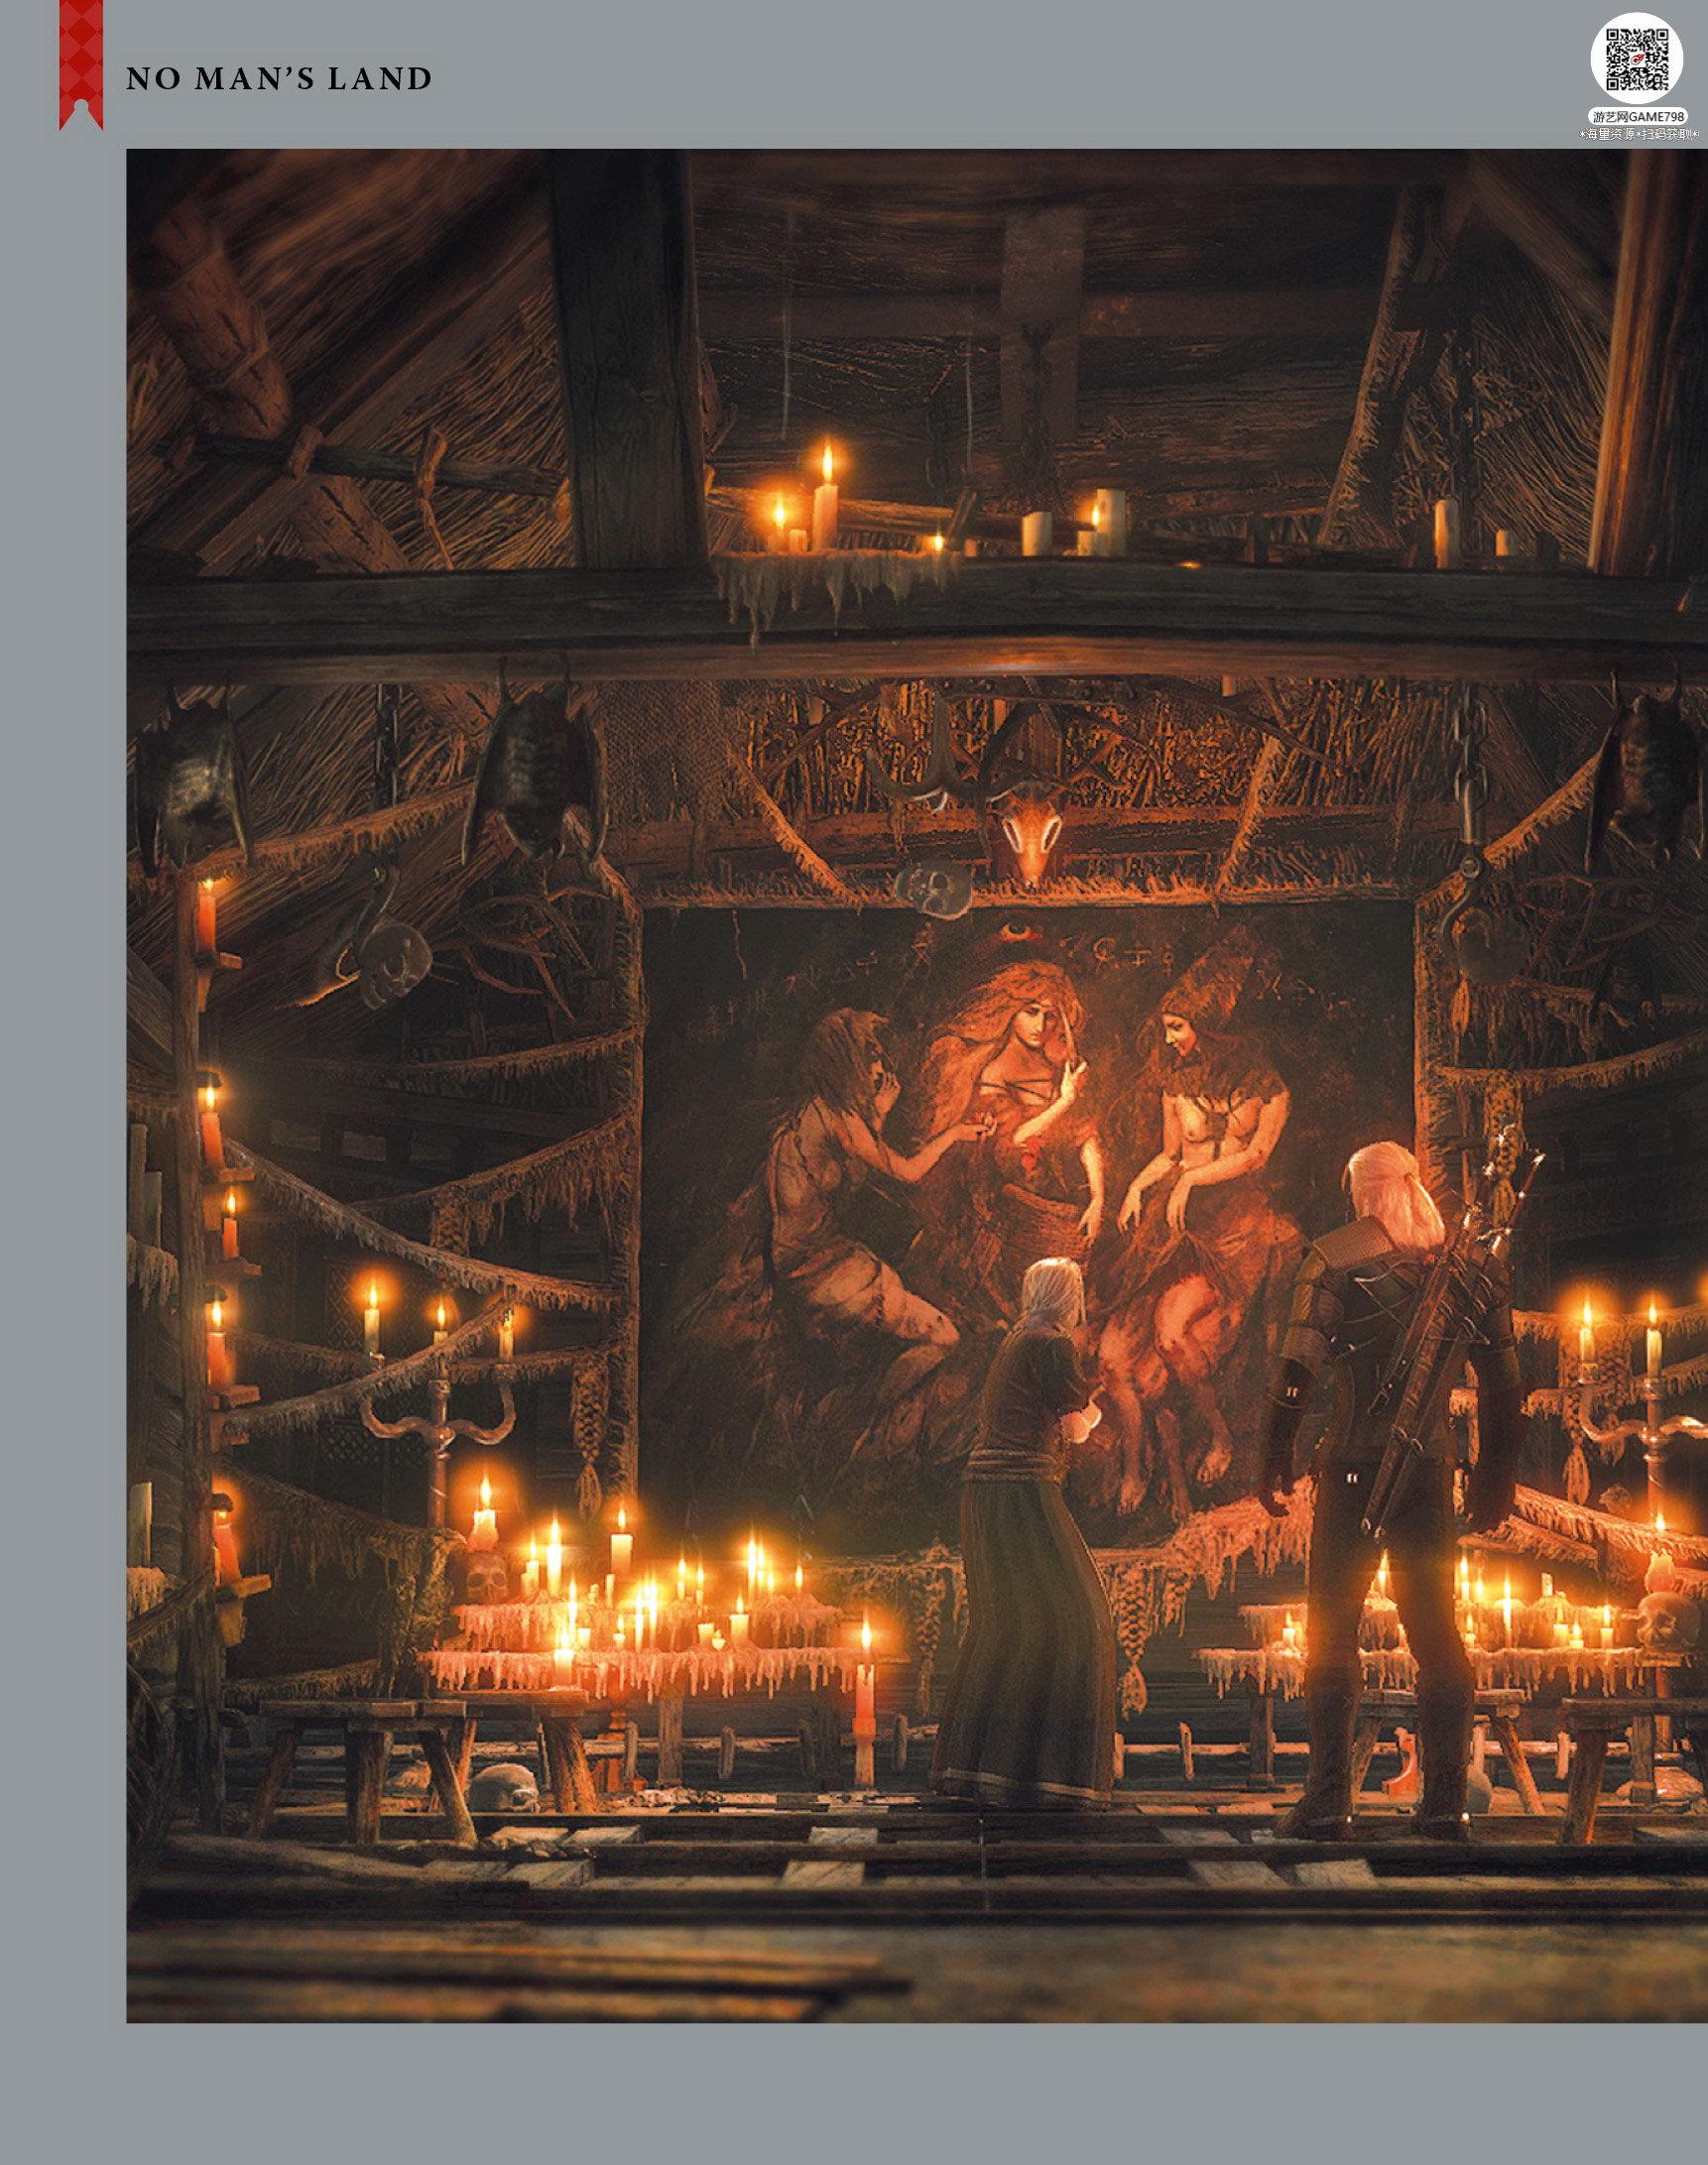 025_关注游艺网公众号获海量资源_次世代游戏巫师3(Witcher)官方原画概念设定.jpg